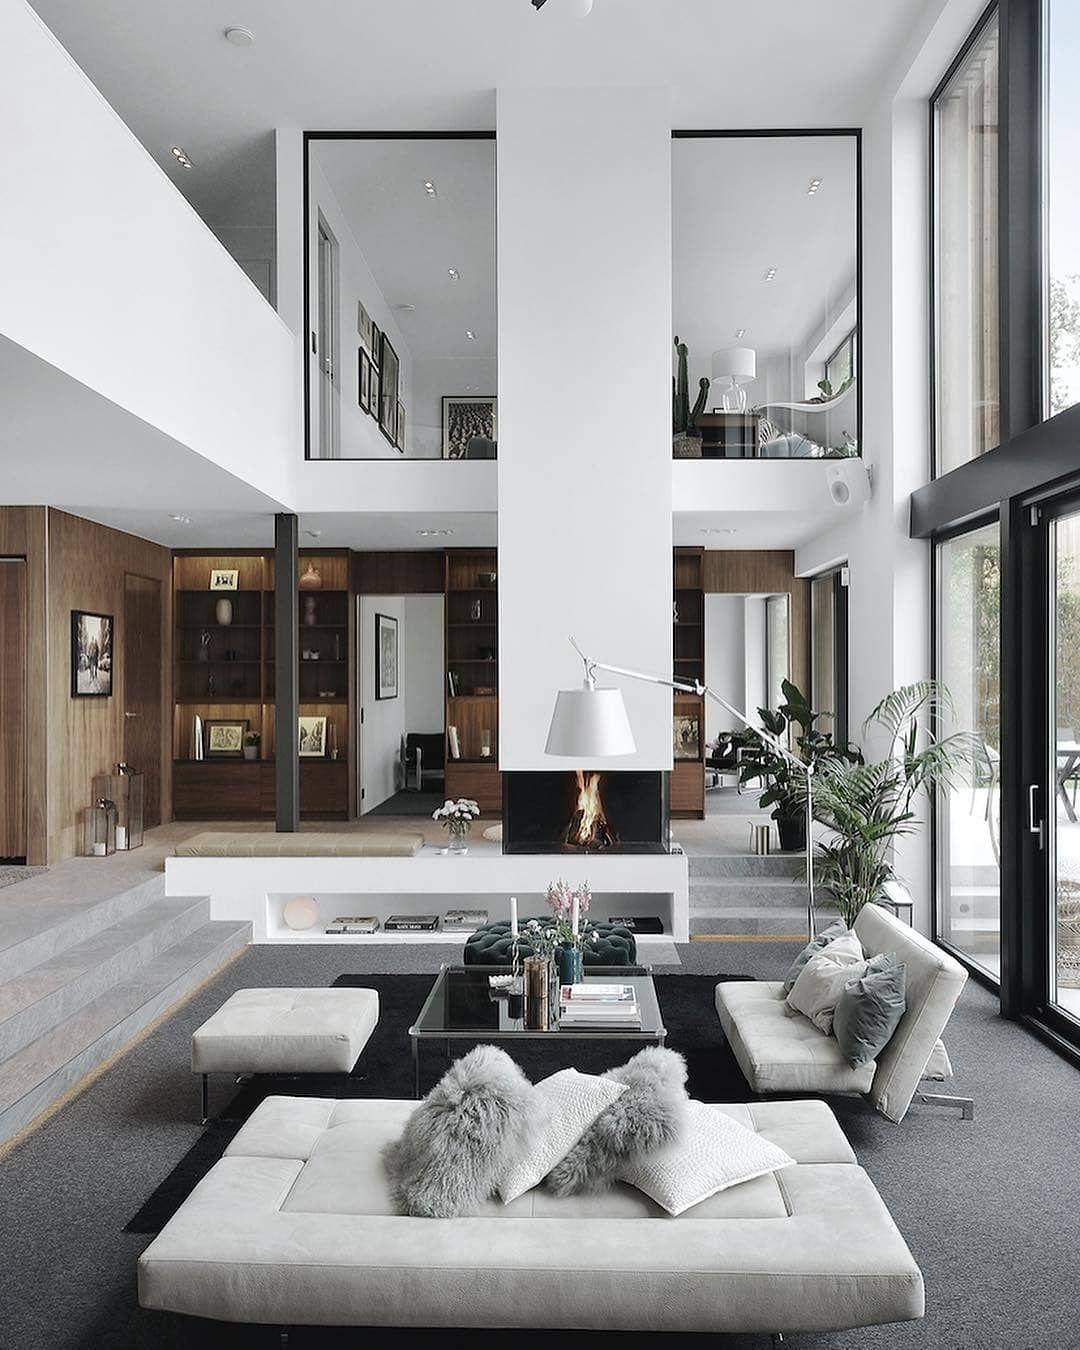 Une très grande hauteur sous plafond et une ambiance chaleureuse pour ce salon decoration design interiordesign